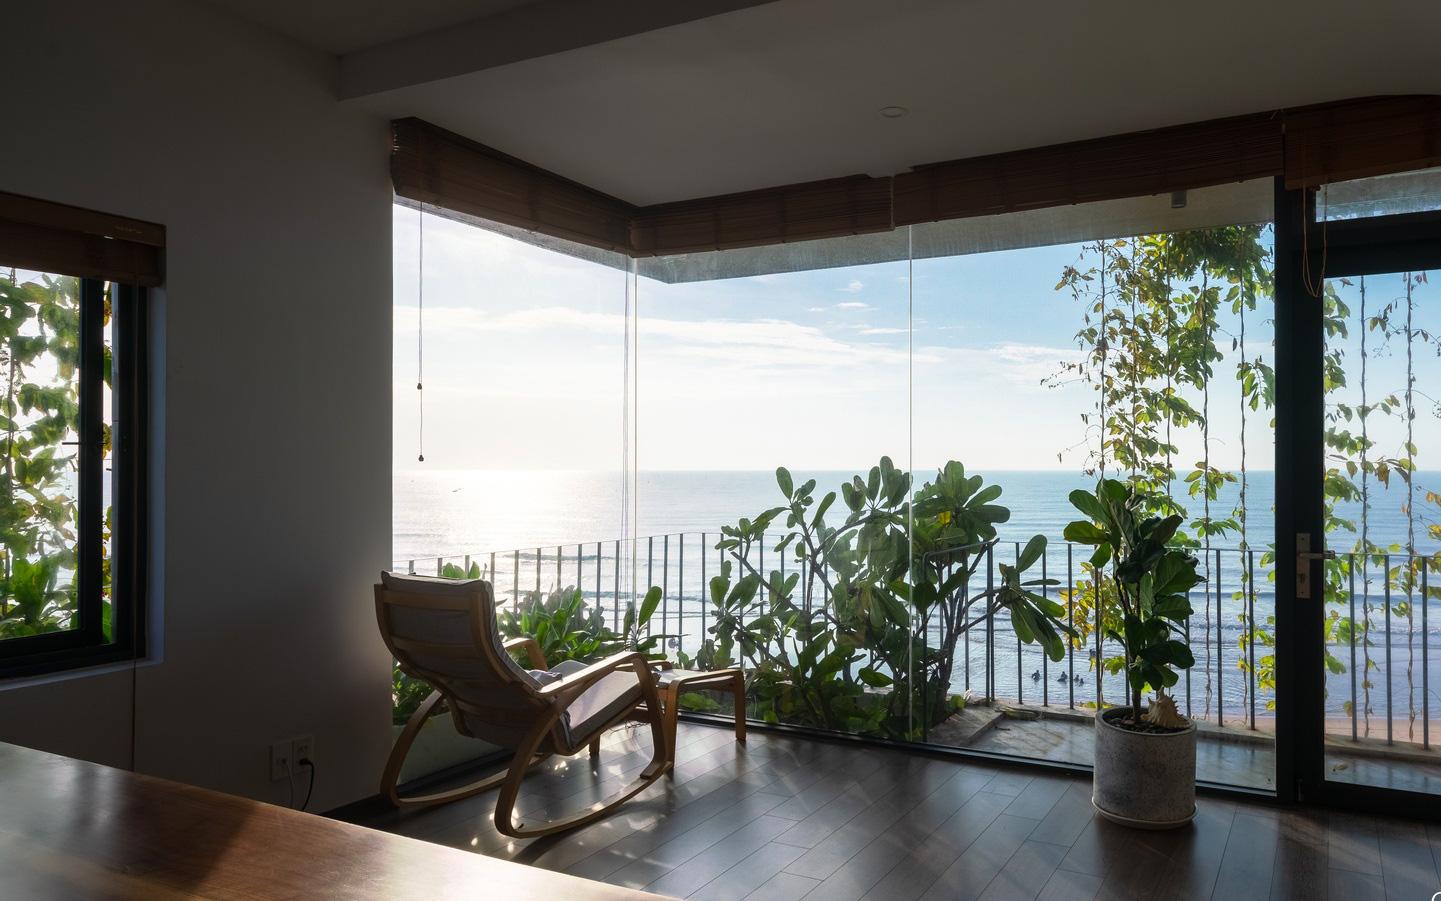 Ngôi nhà 3 tầng view biển Vũng Tàu với thiết kế mang ánh sáng và cây xanh đến từng góc nhỏ